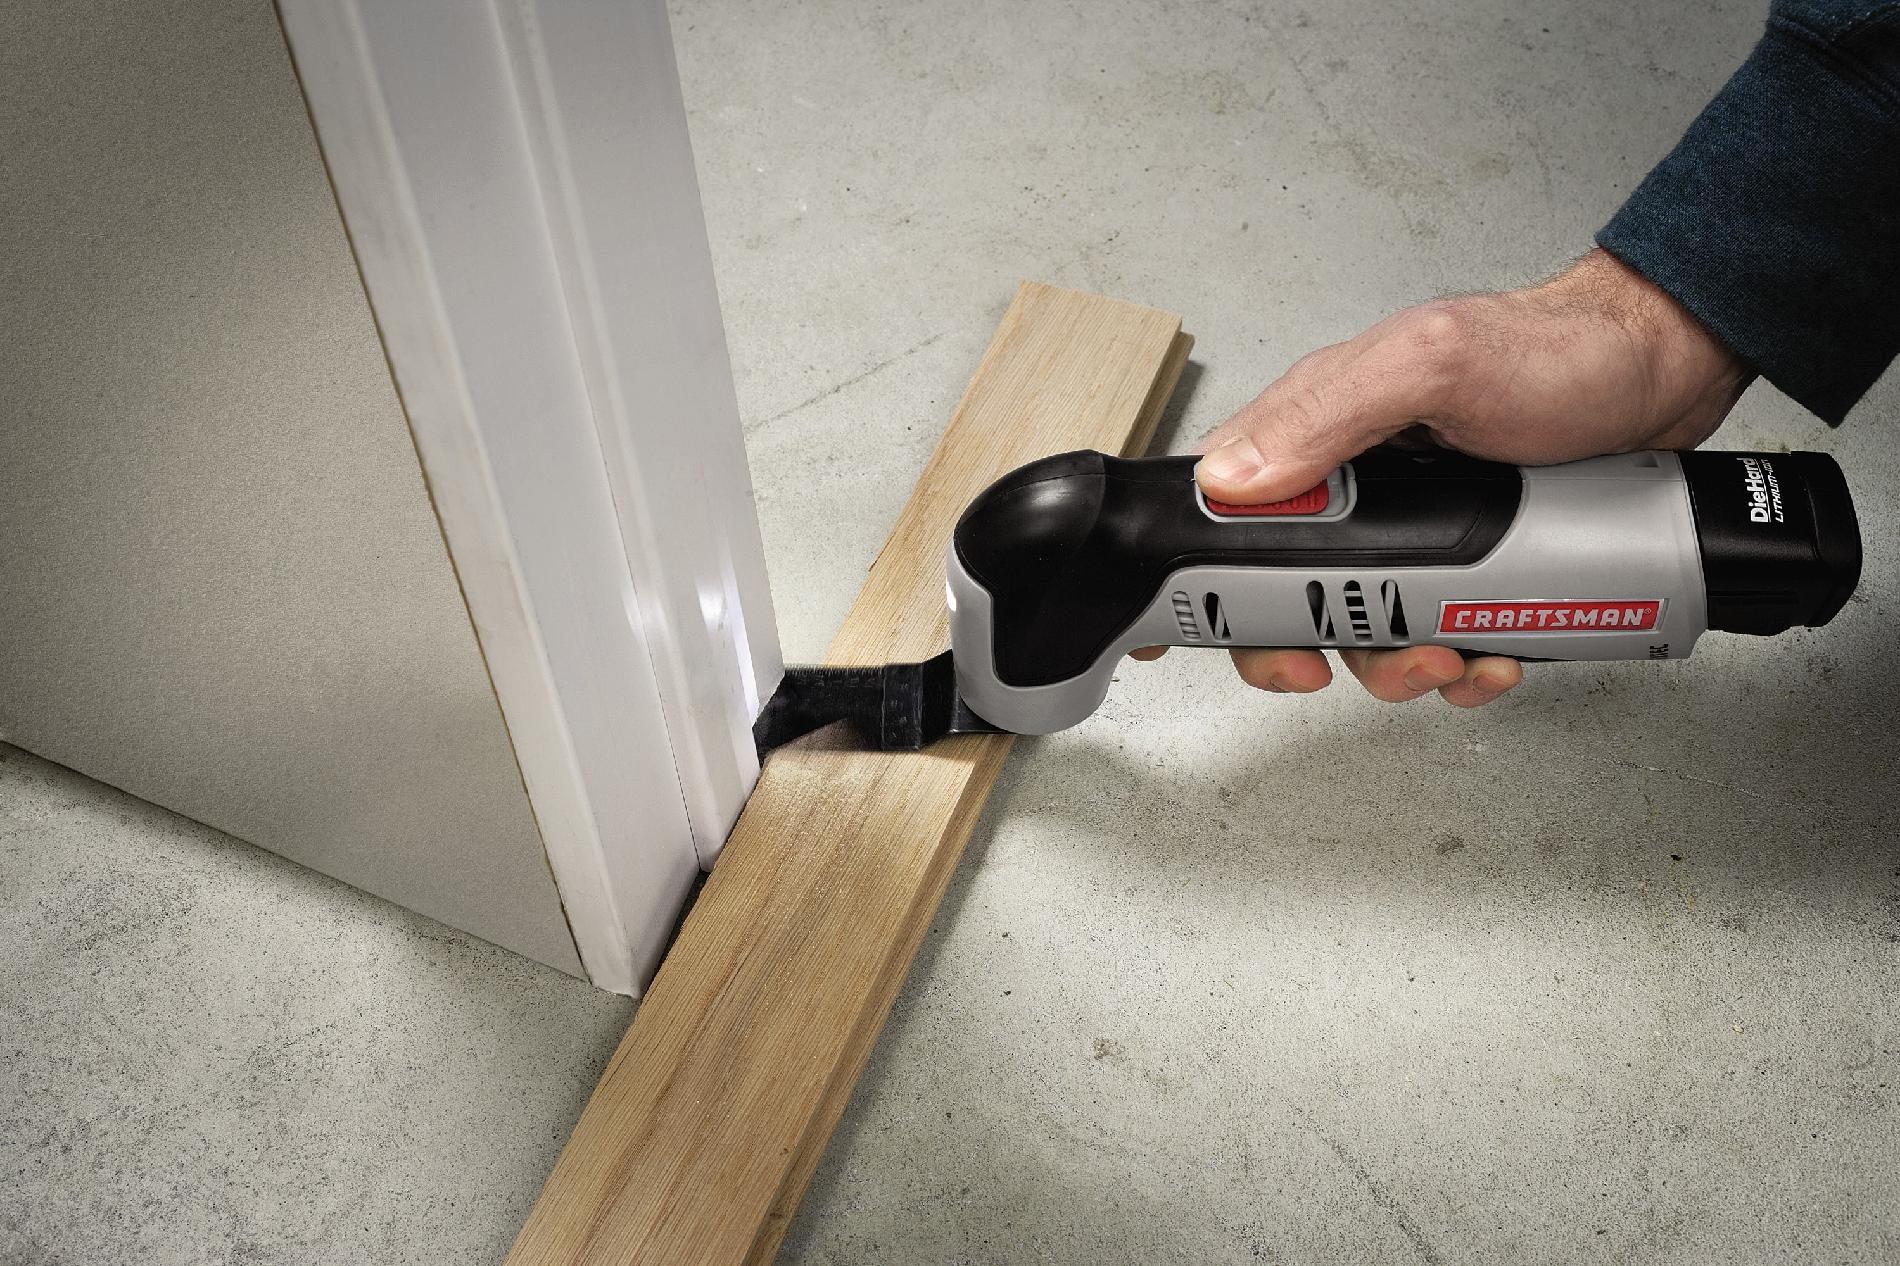 Craftsman 17438 Nextec 12-volt Lithium-Ion Cordless Multi-Tool